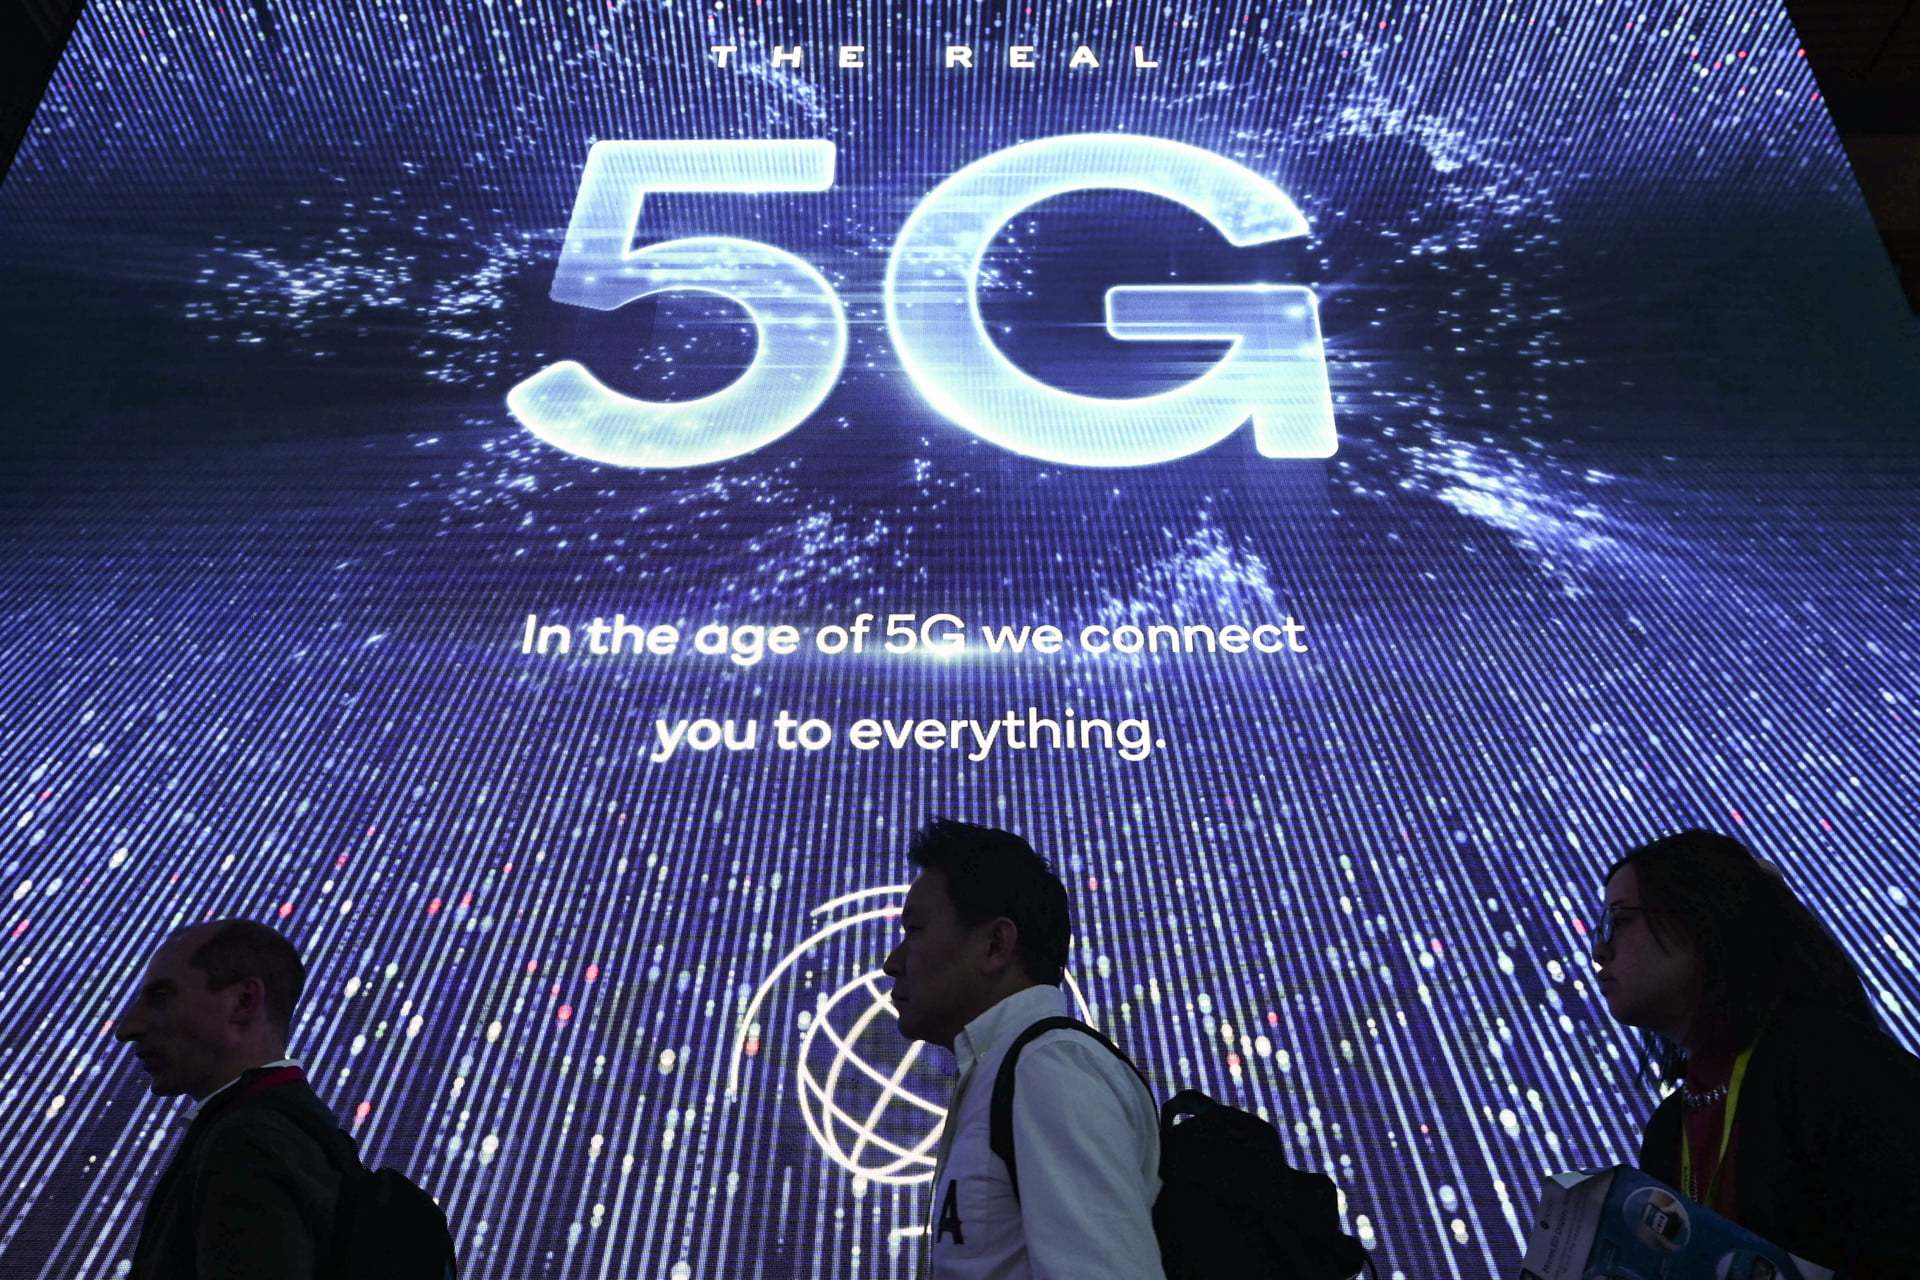 北京联通透露:近期开始5G试商用